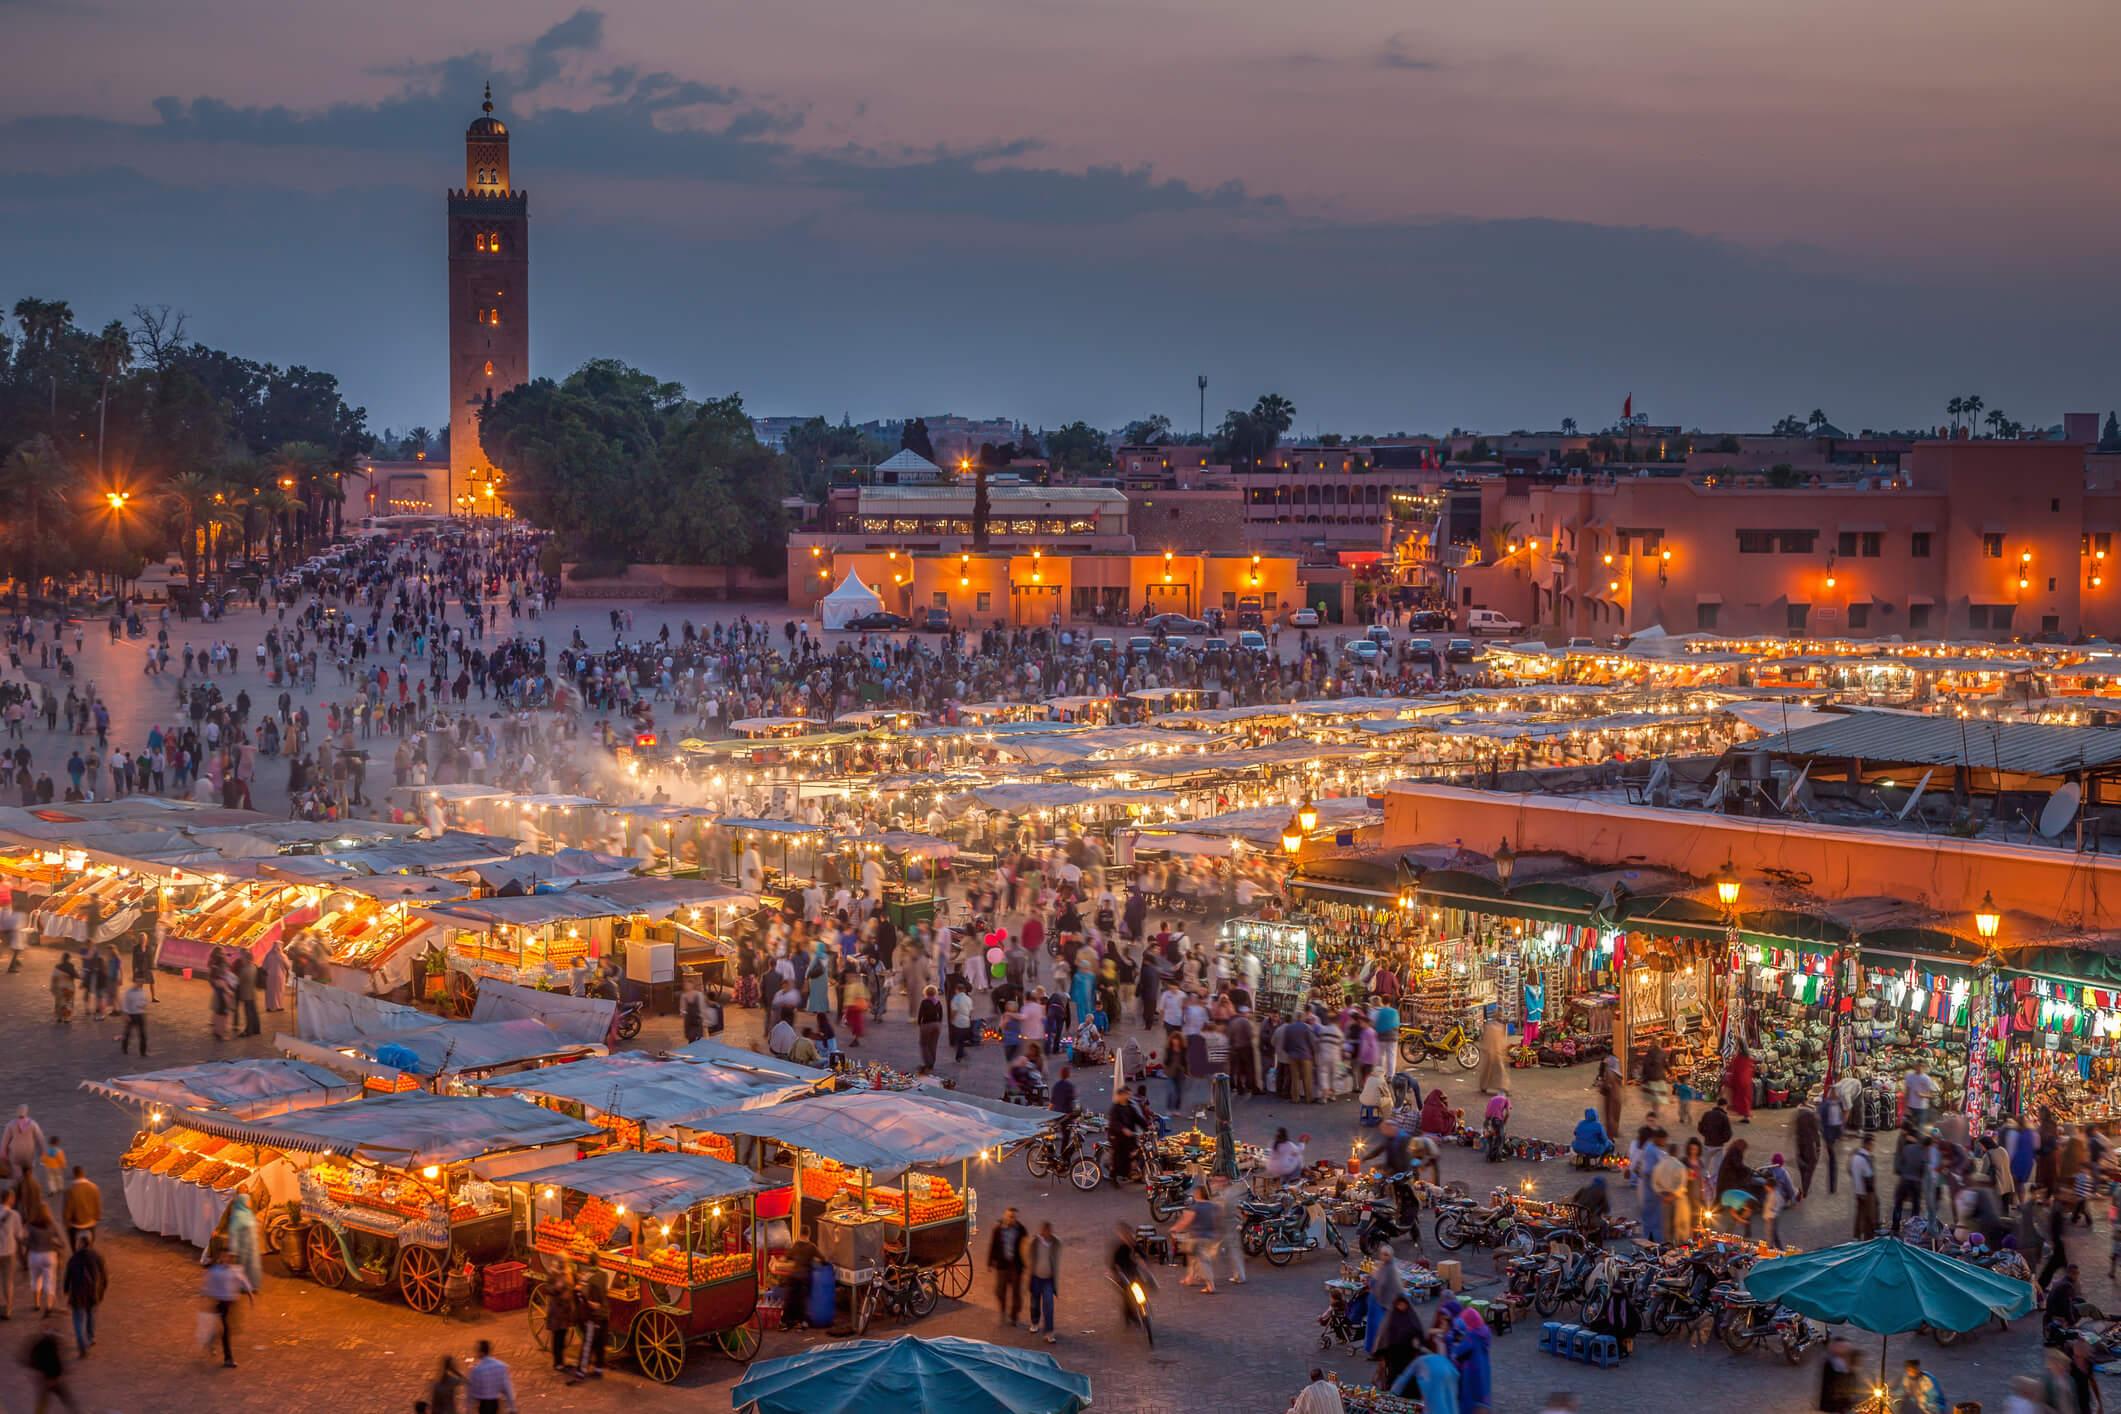 mercado jamaa el fna marruecos